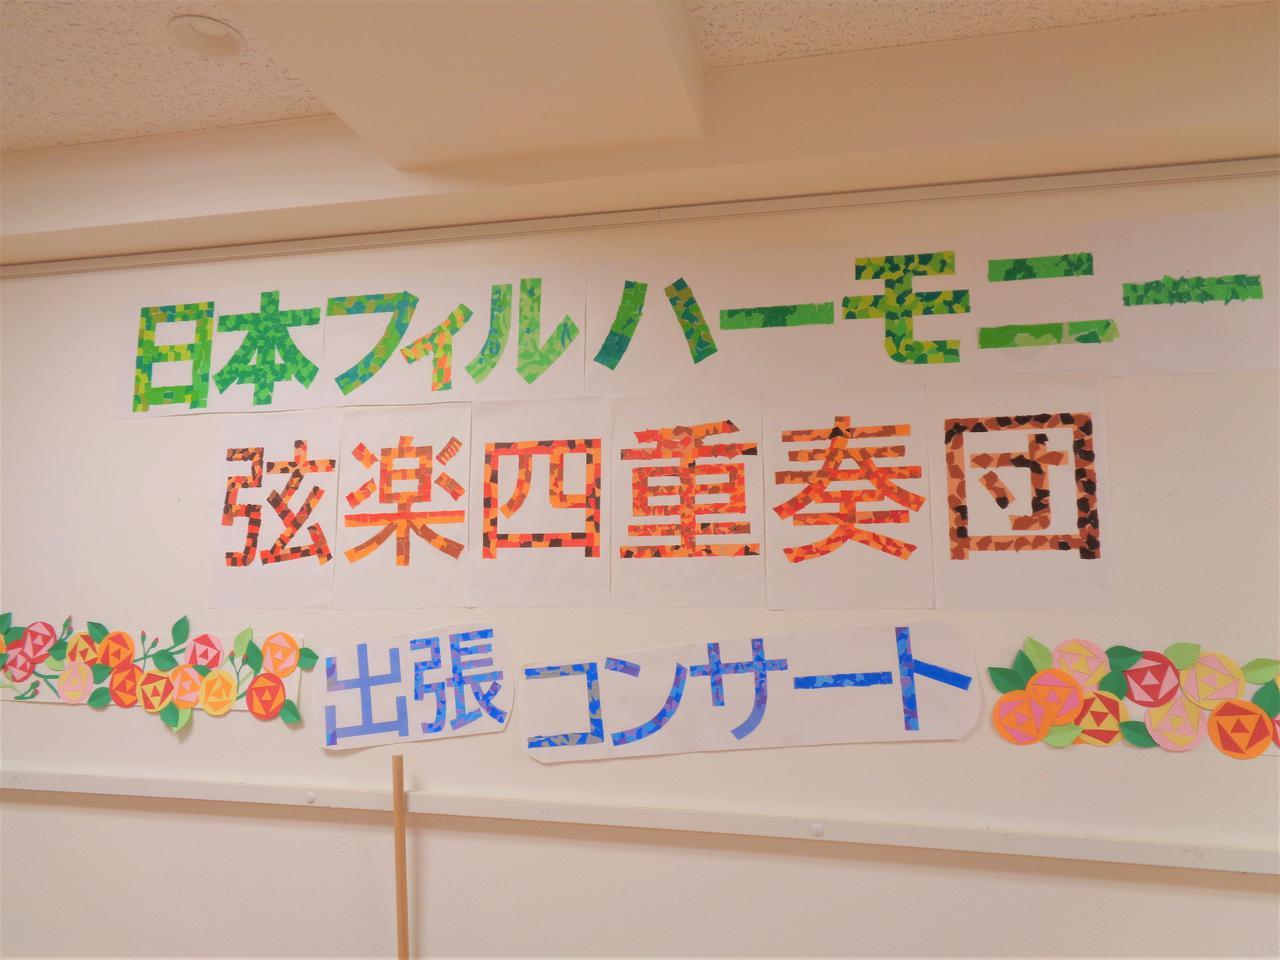 画像: 日本フィルハーモニー 弦楽四重奏出張コンサート